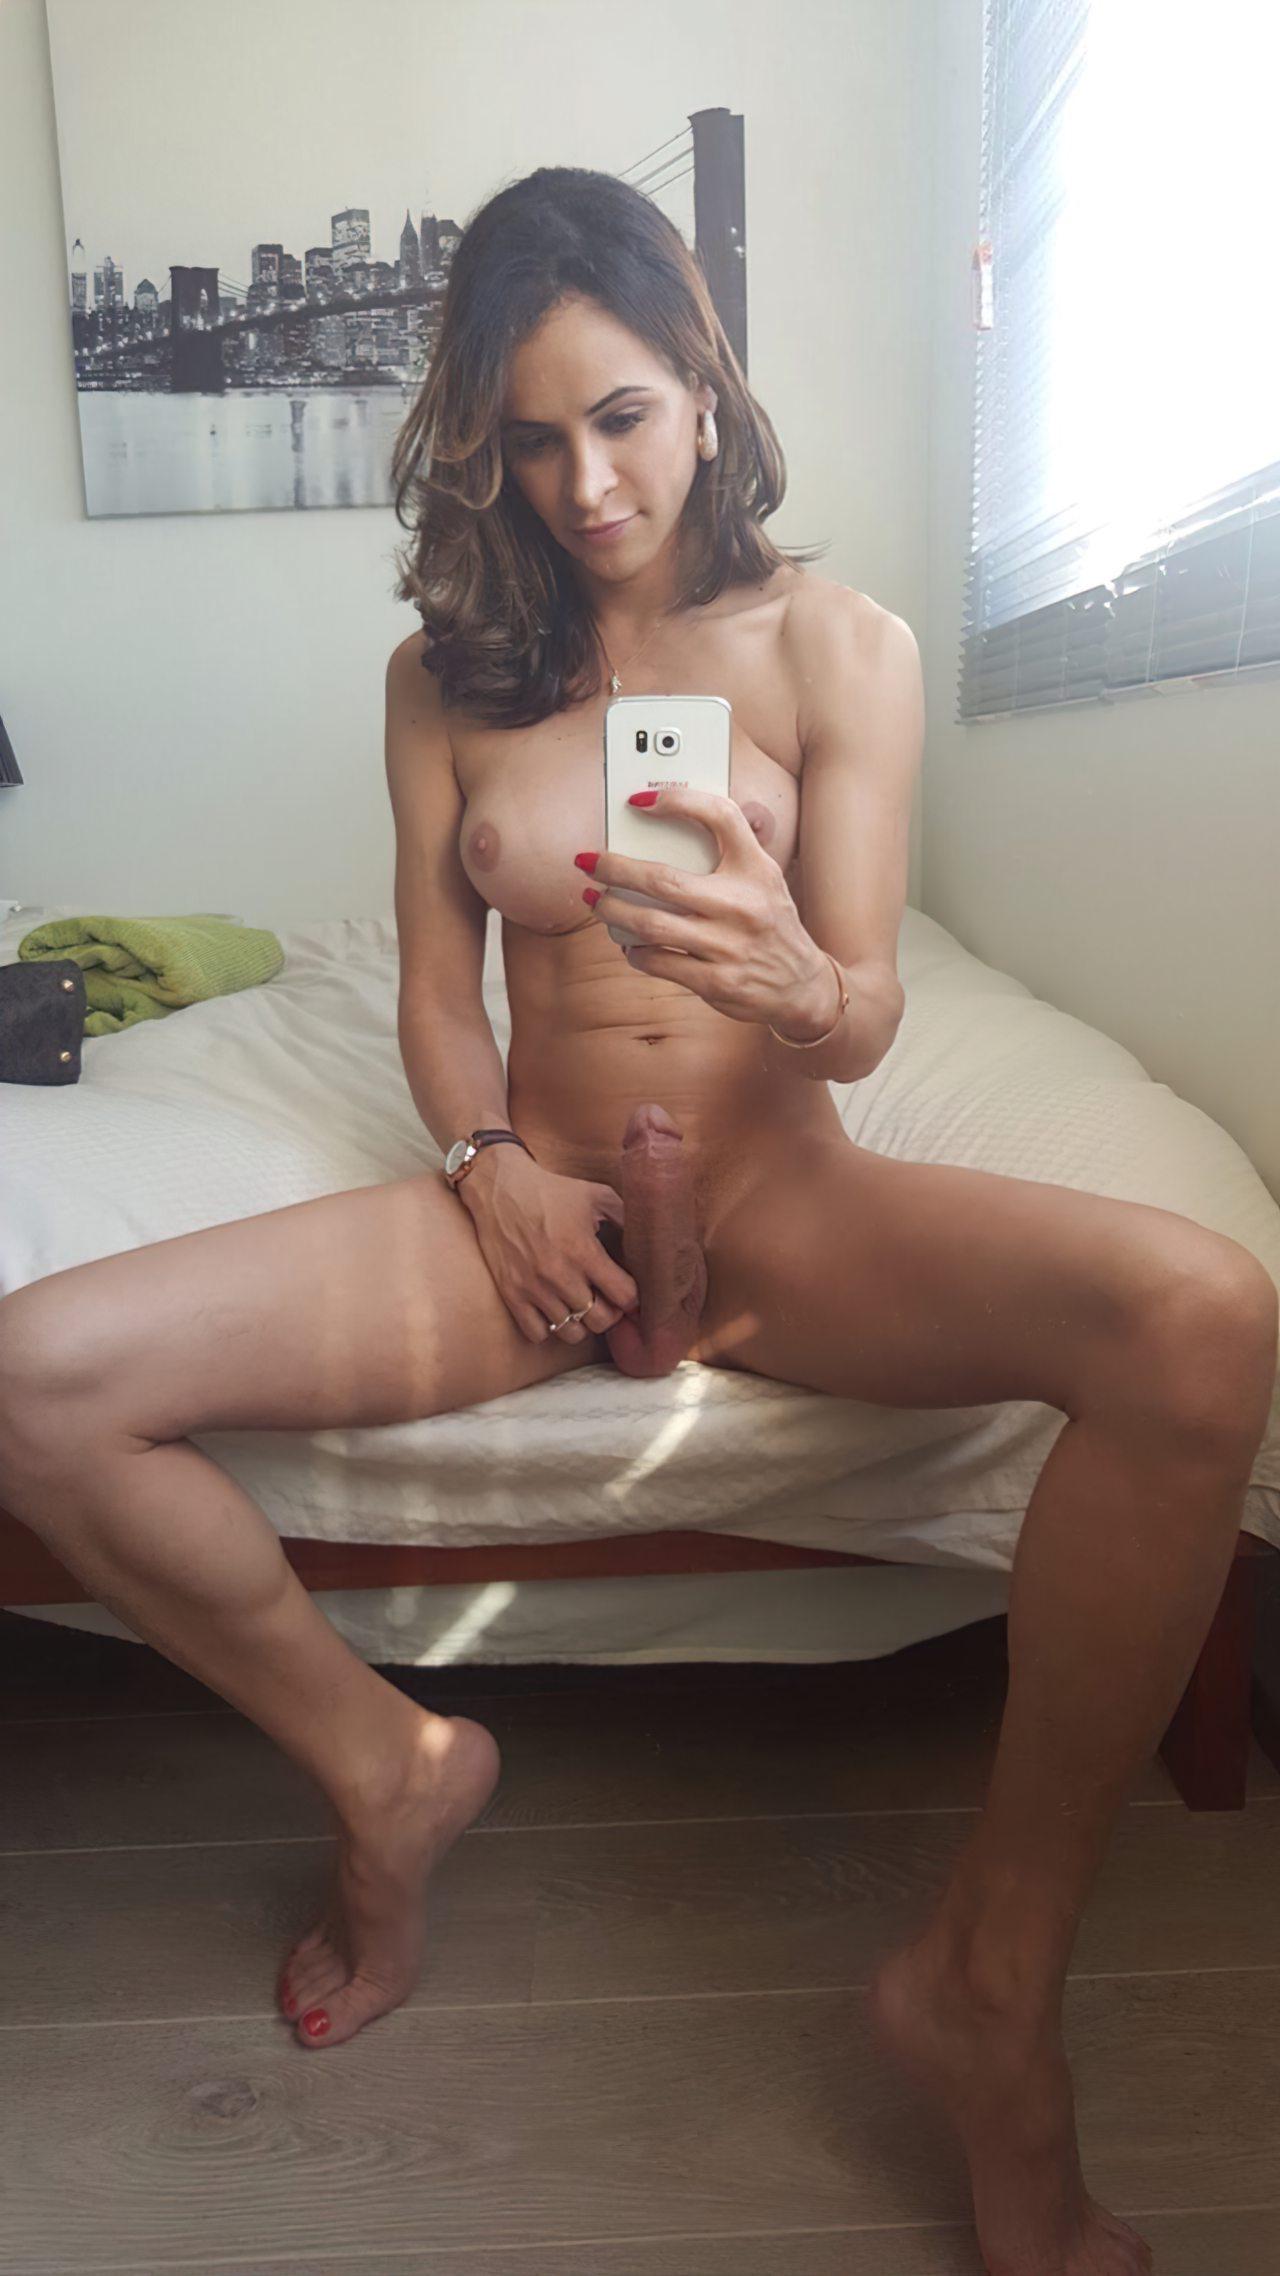 mulheres brasileiras nuas videos de sexo com travestis